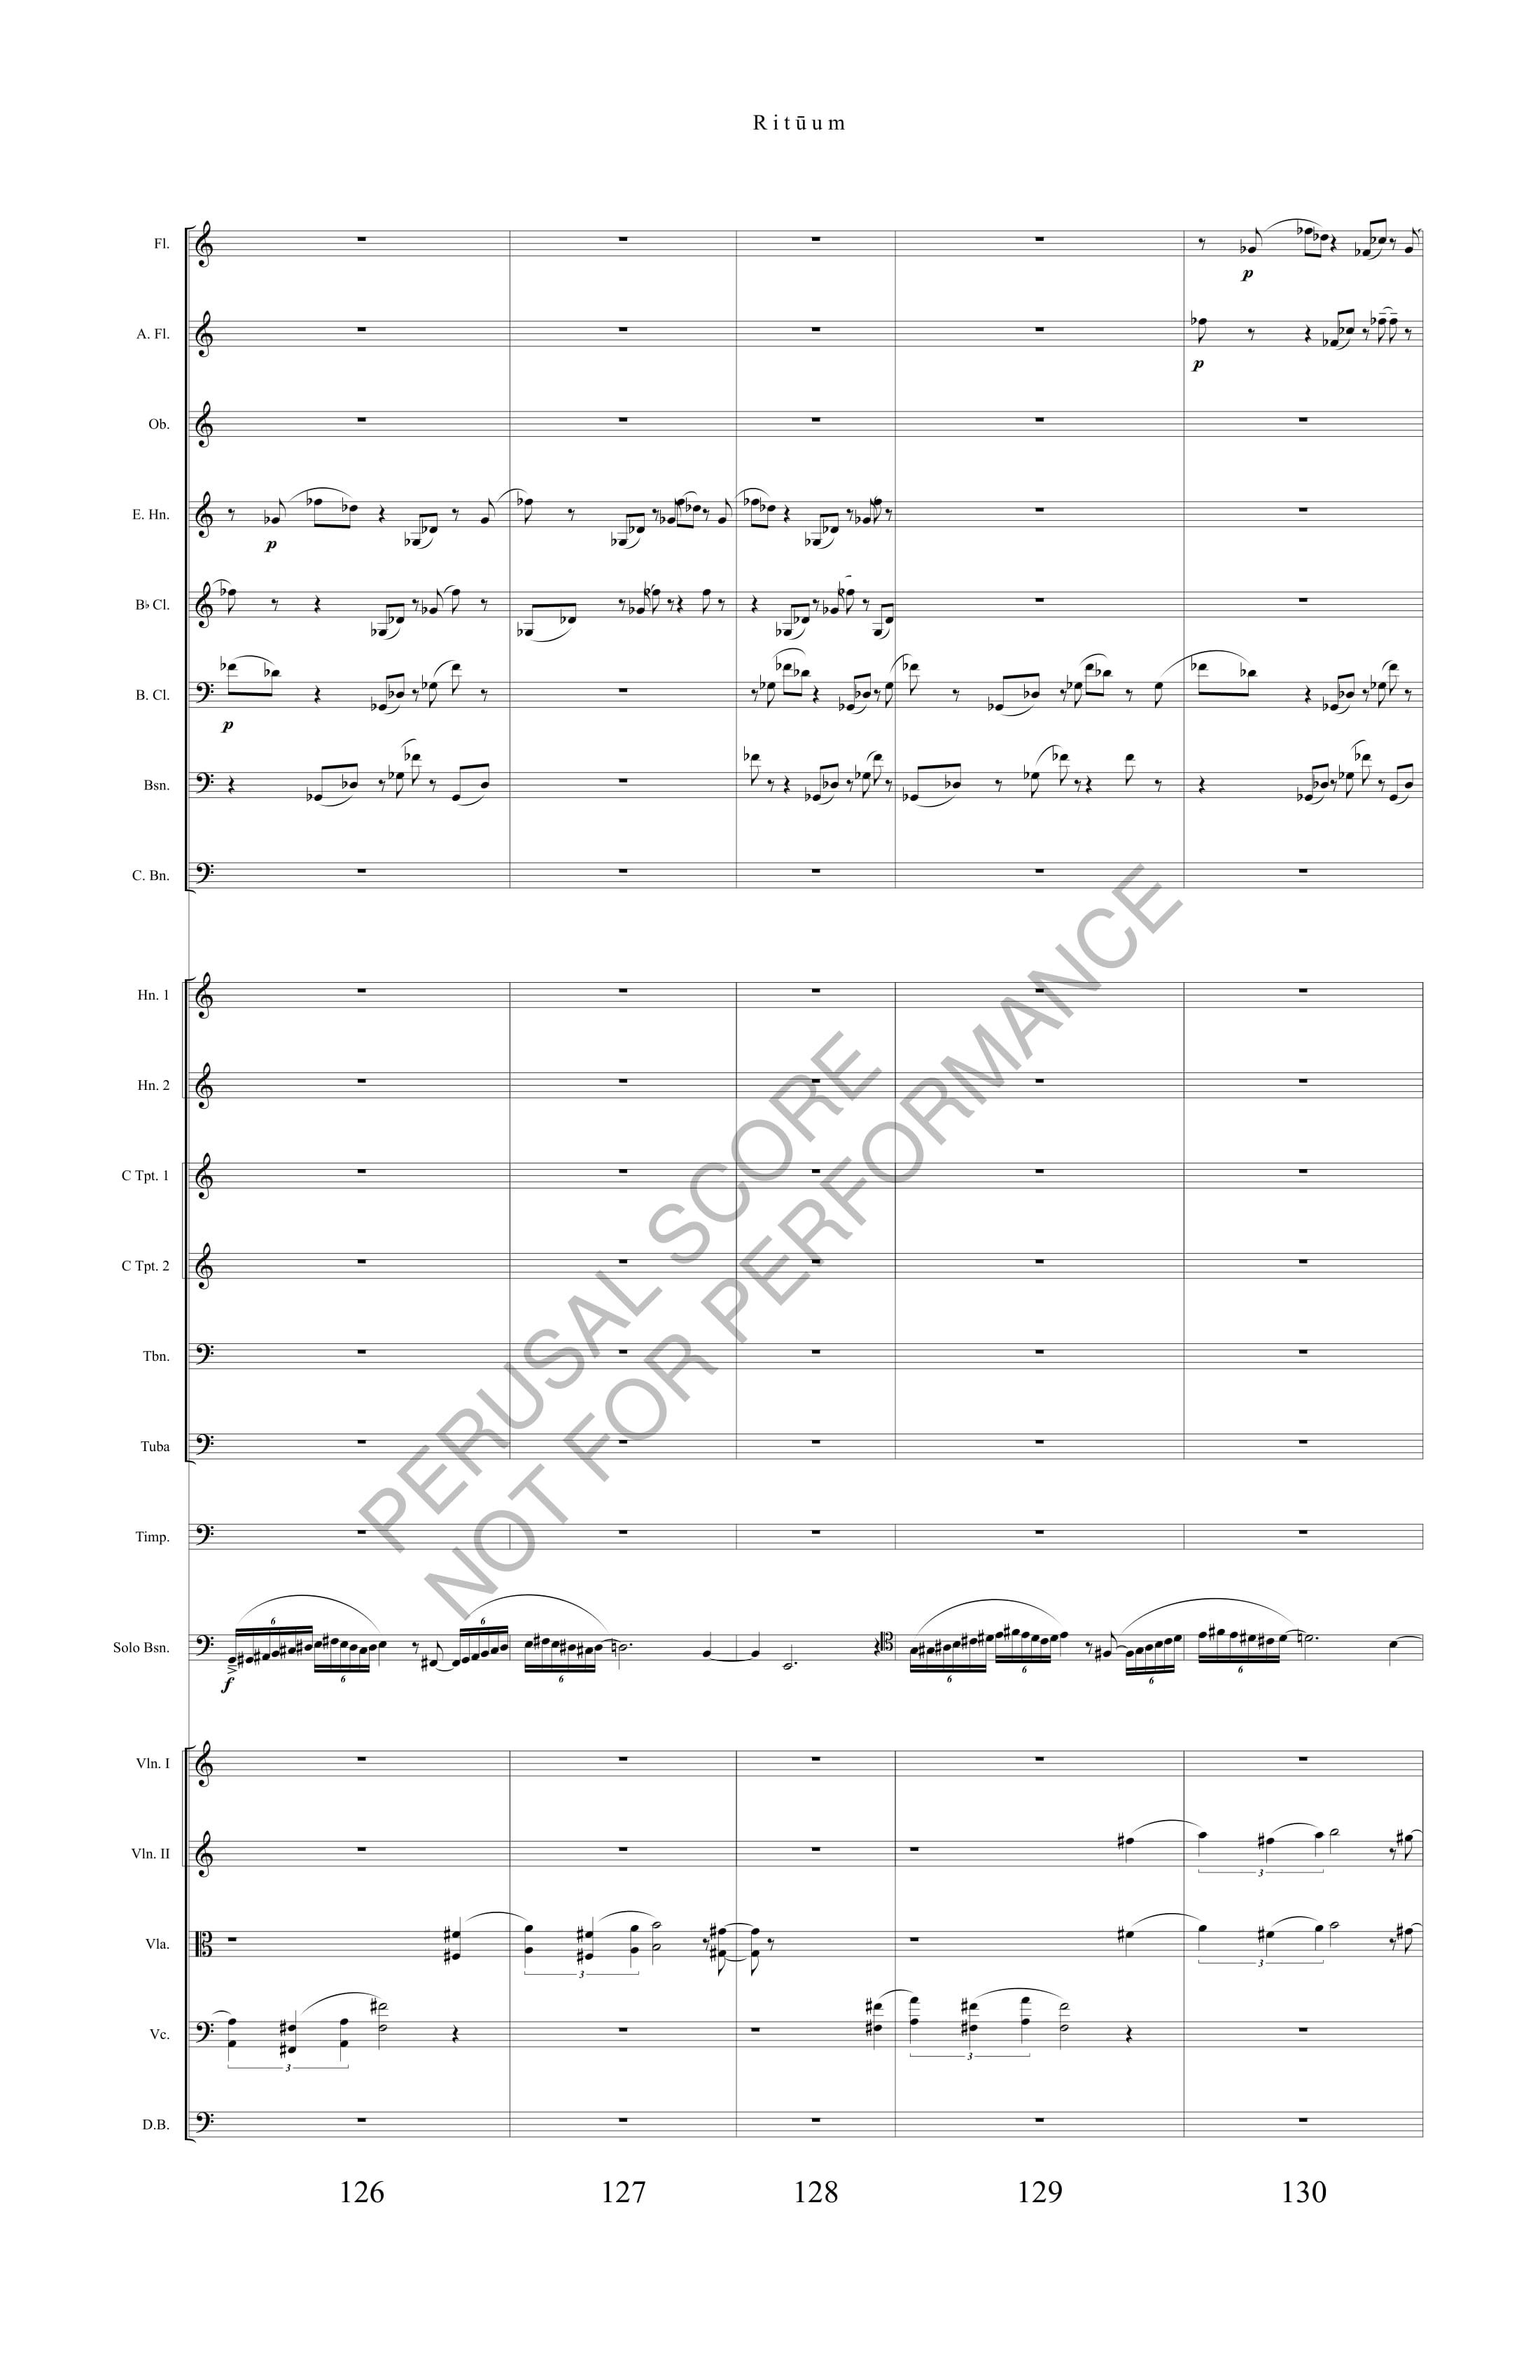 Boyd Rituum Score-watermark (1)-32.jpg